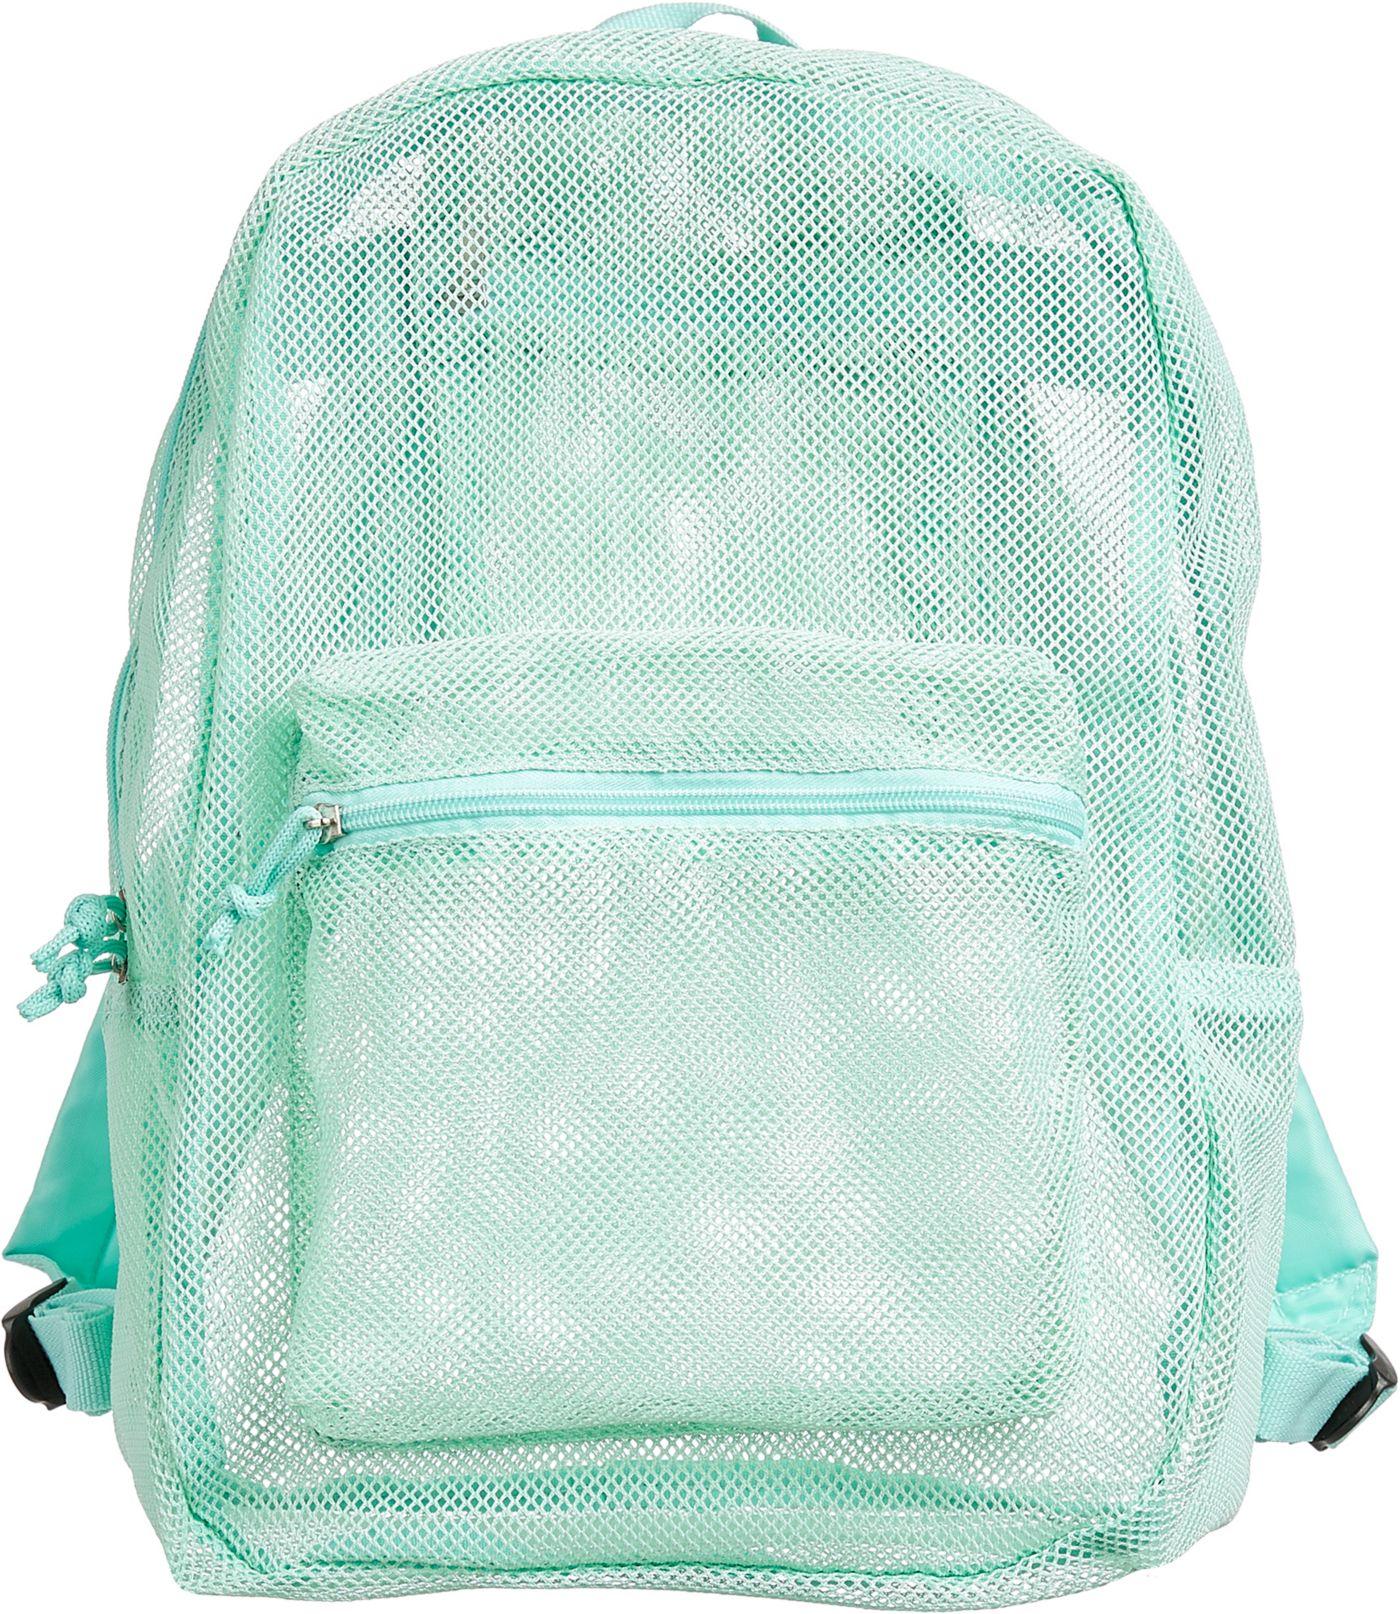 DSG Mesh Backpack